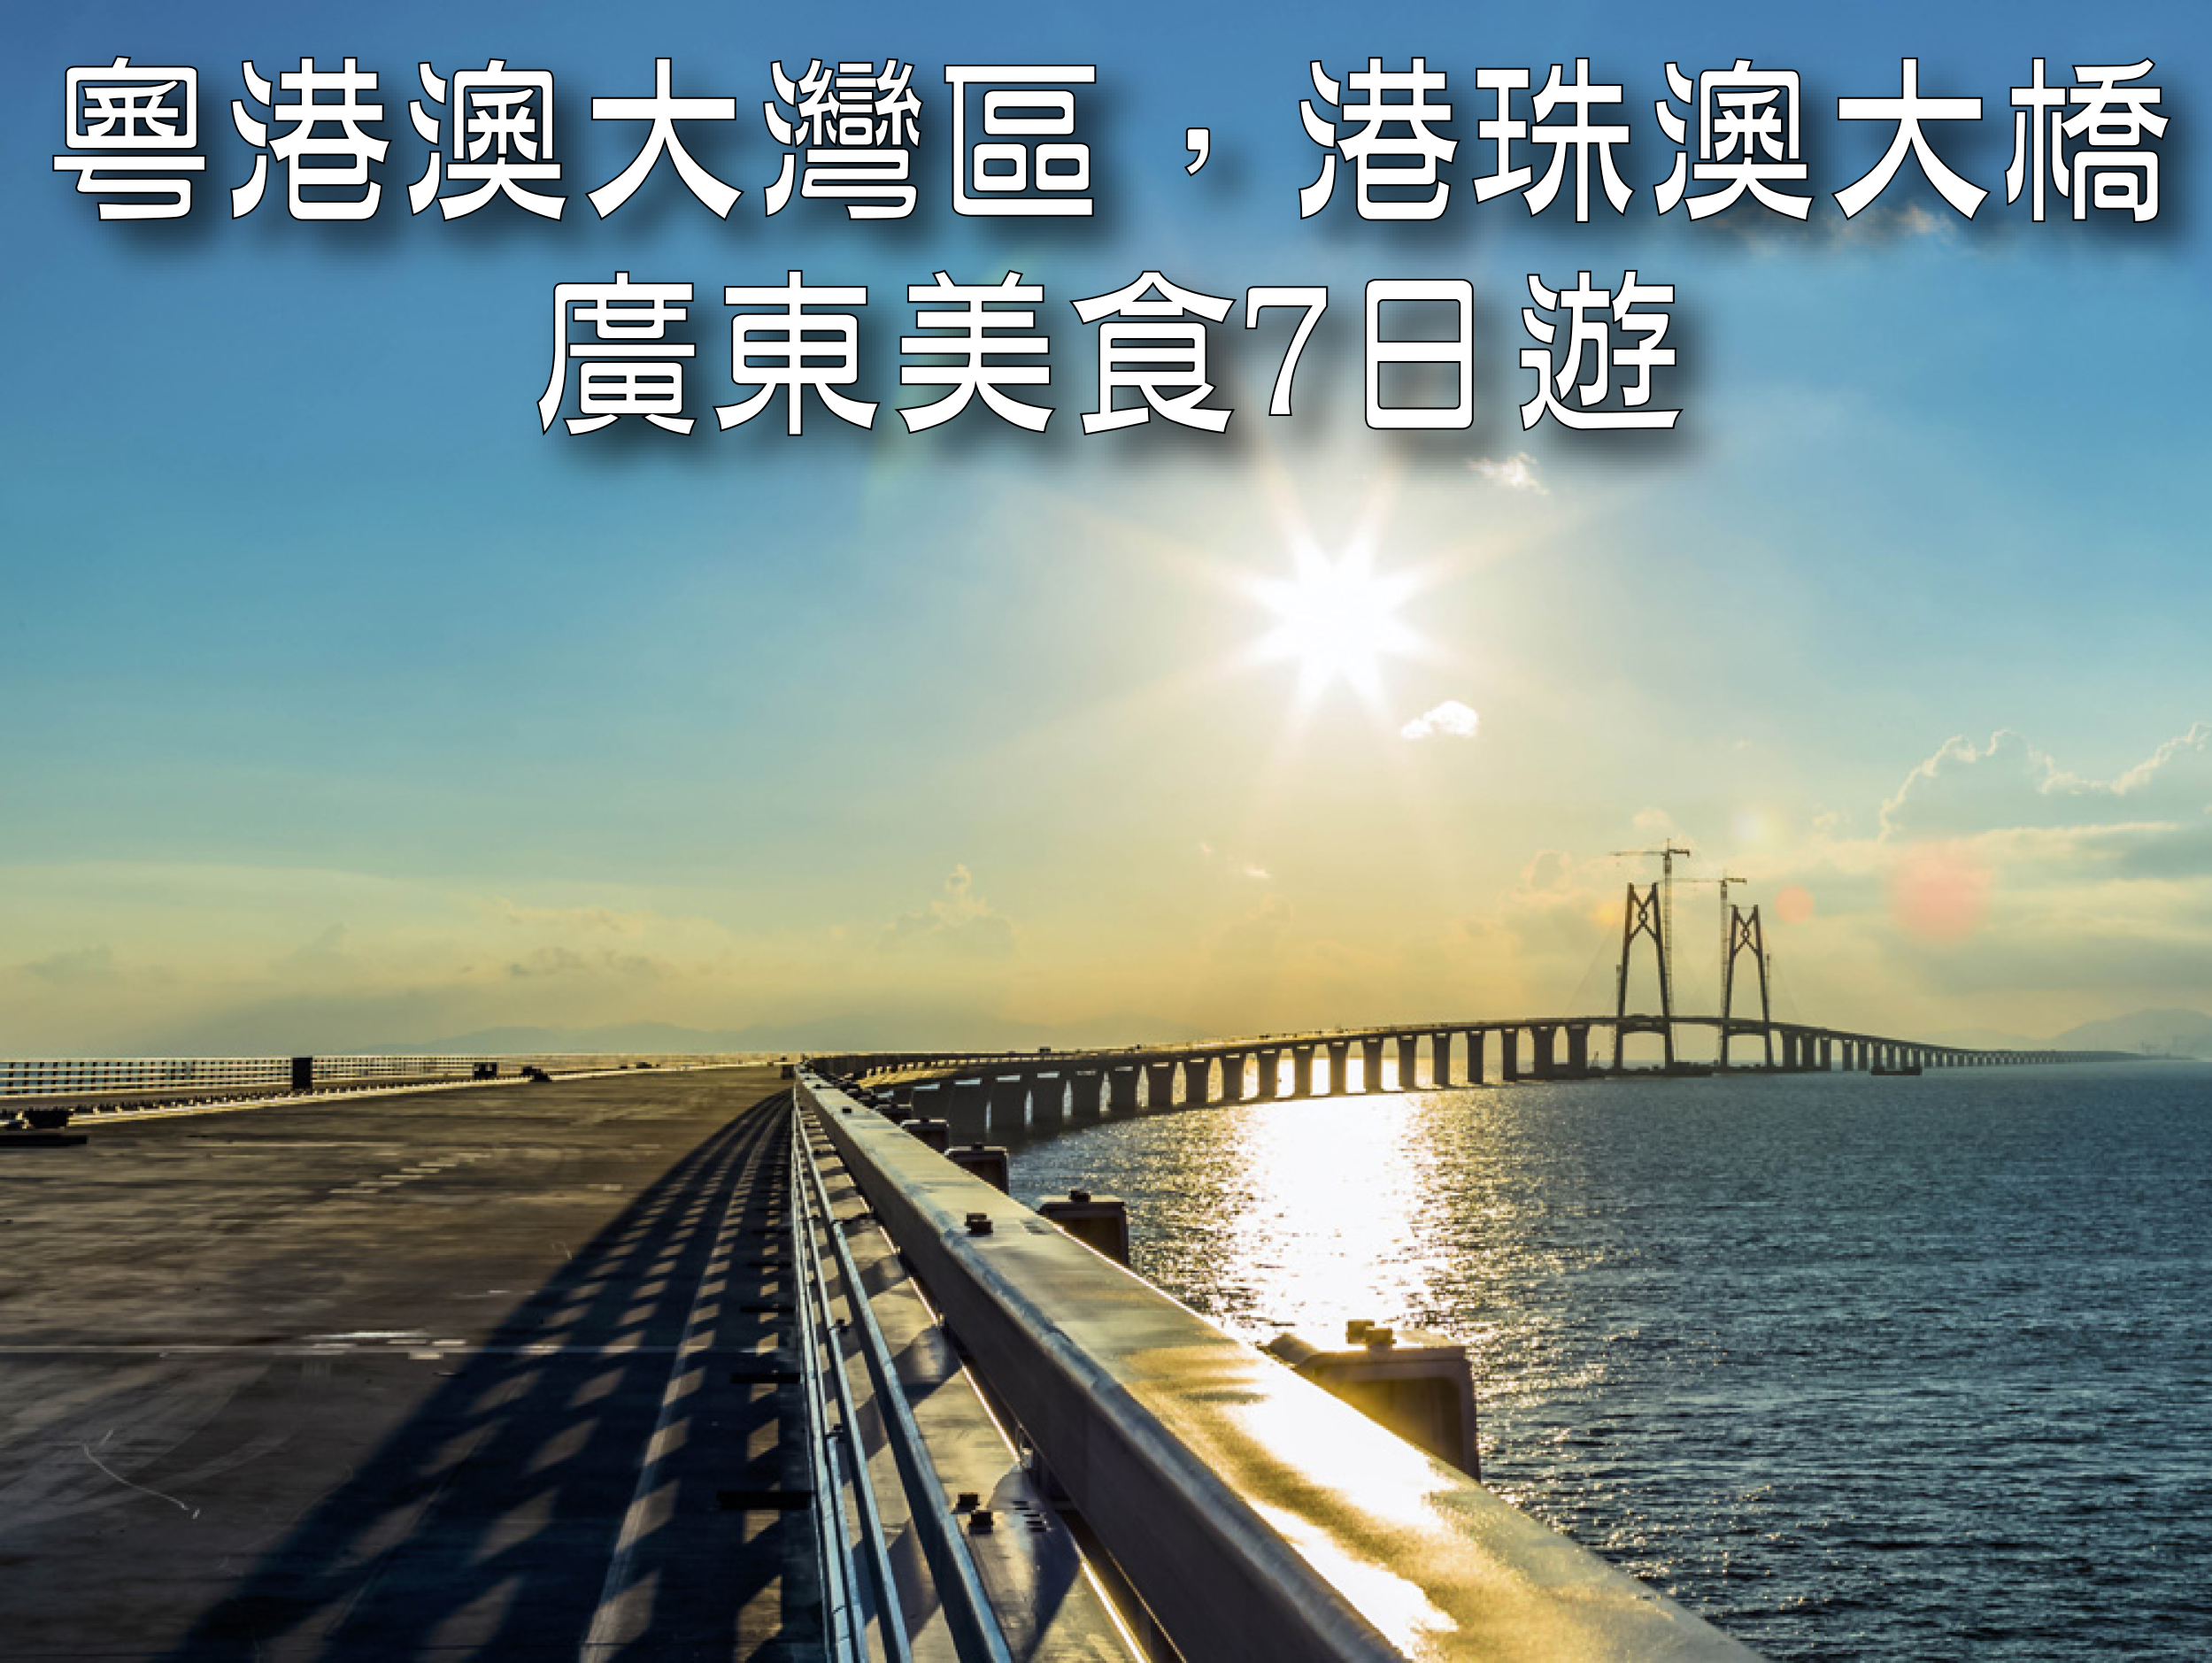 HG07 粵港澳大灣區、港珠澳大橋、廣東美食 7日遊 HG07 買一送一